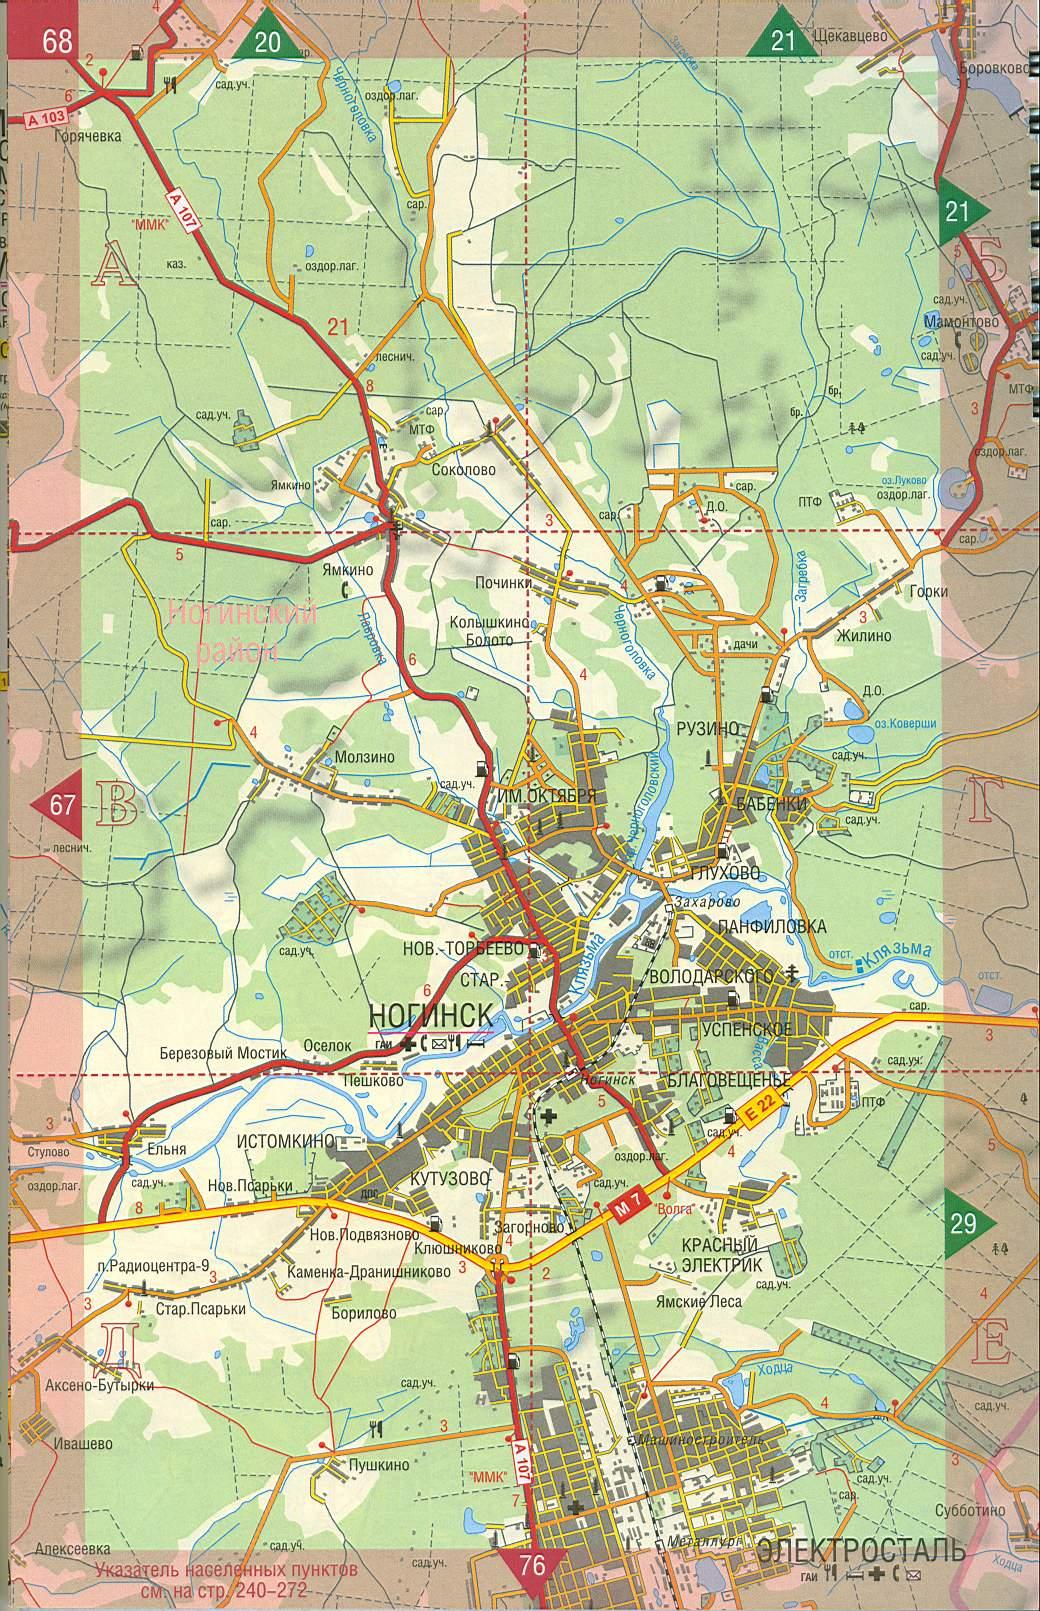 Проститутки на карте подмосковья 4 фотография